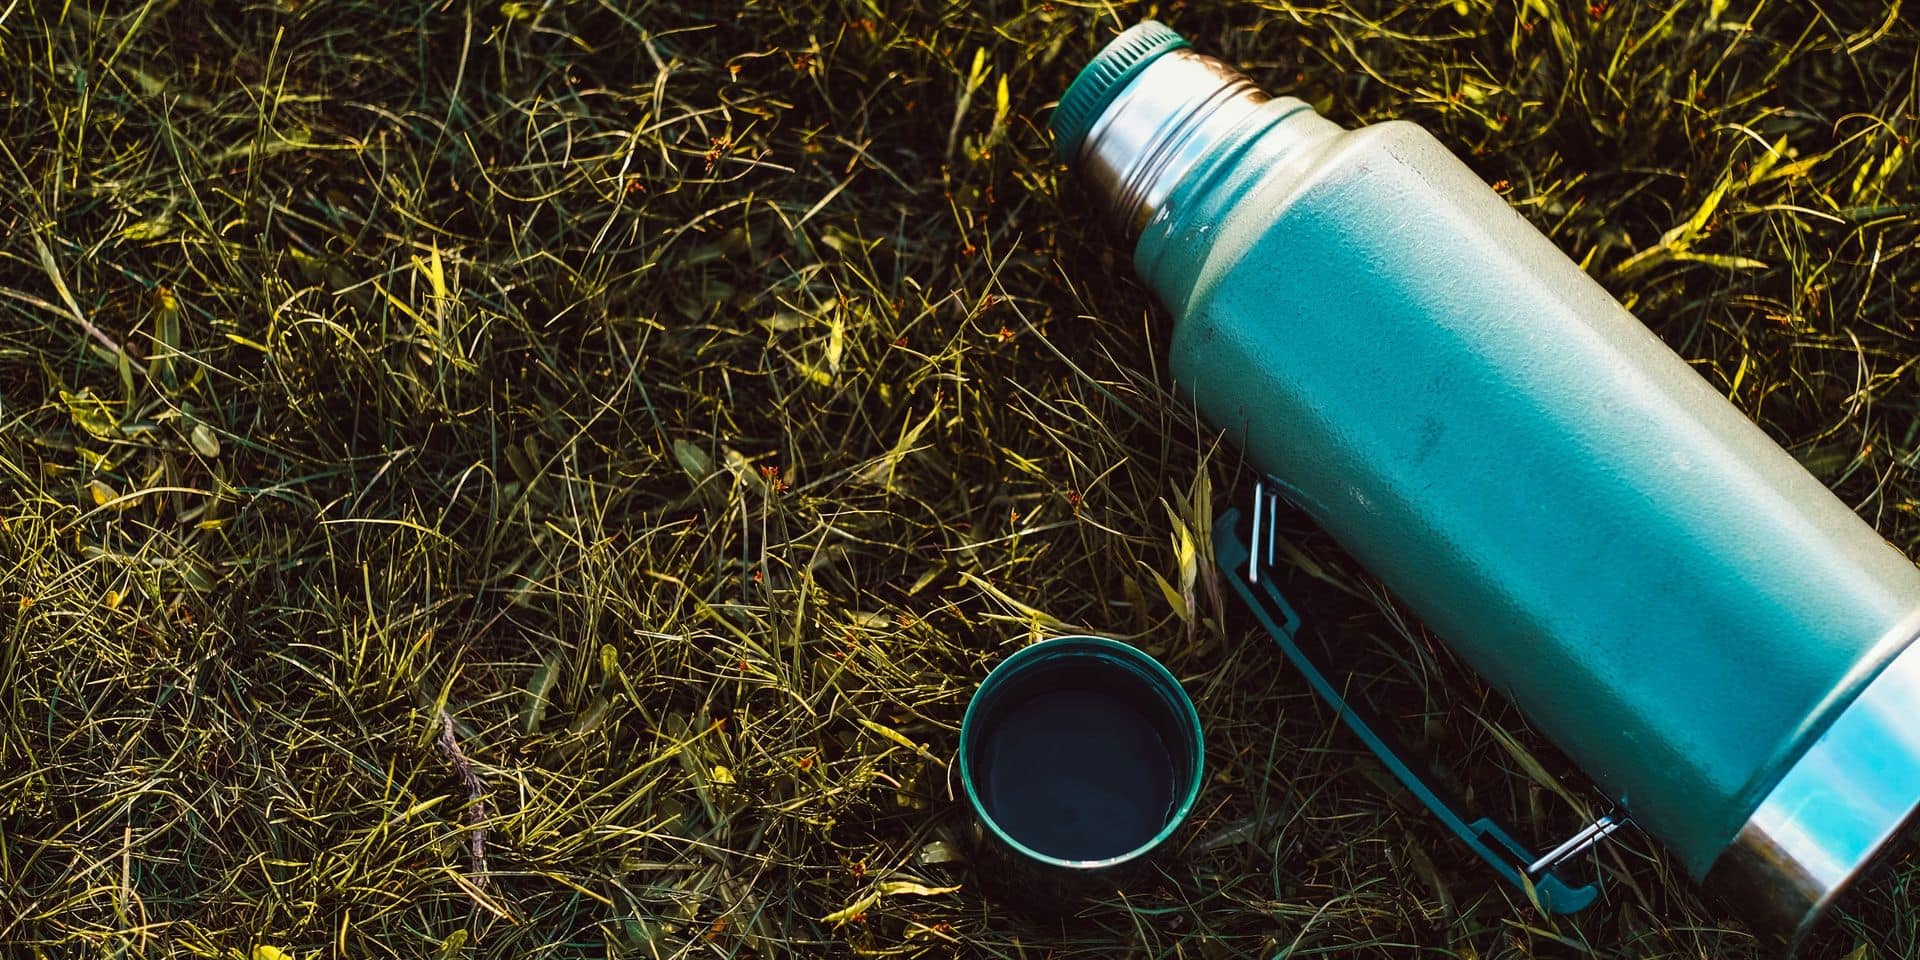 La chasse au plastique jetable: votre objectif pour 2020